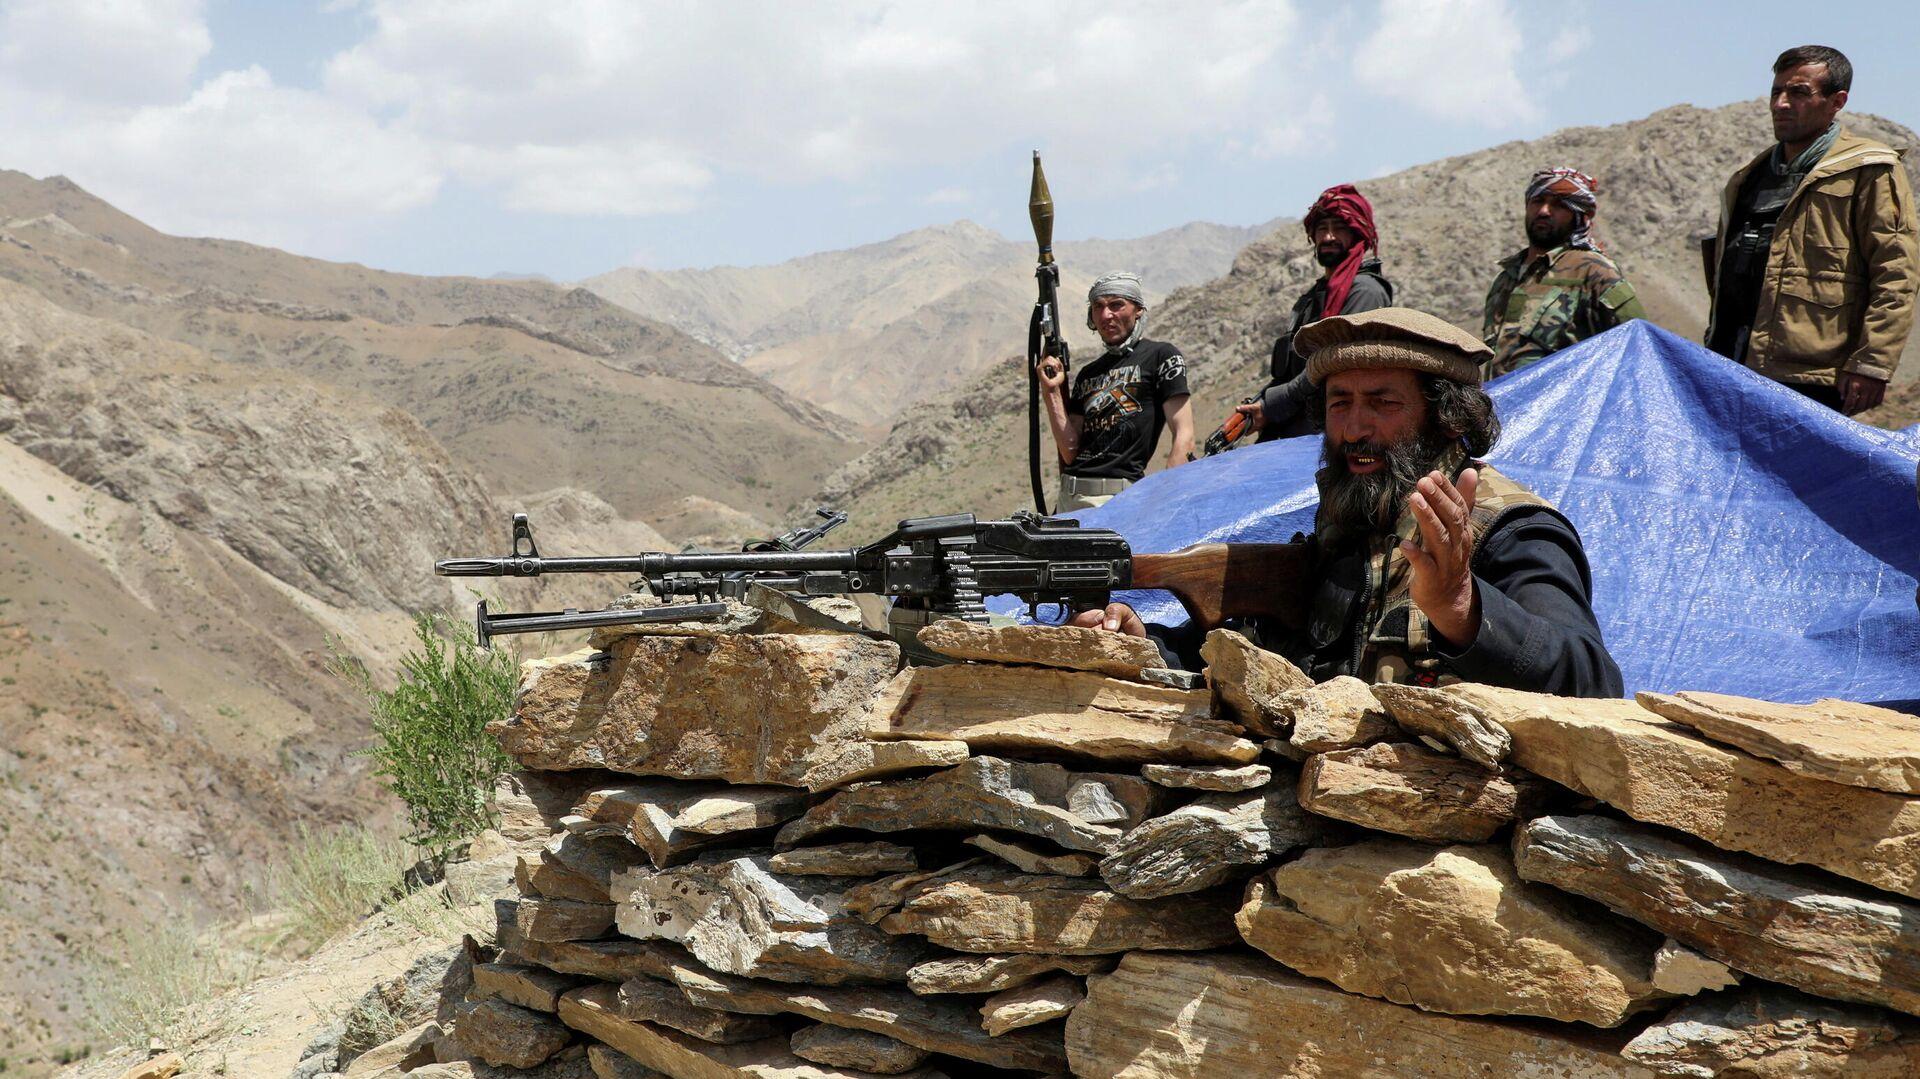 Lucha contra los talibanes en Afganistán - Sputnik Mundo, 1920, 09.07.2021